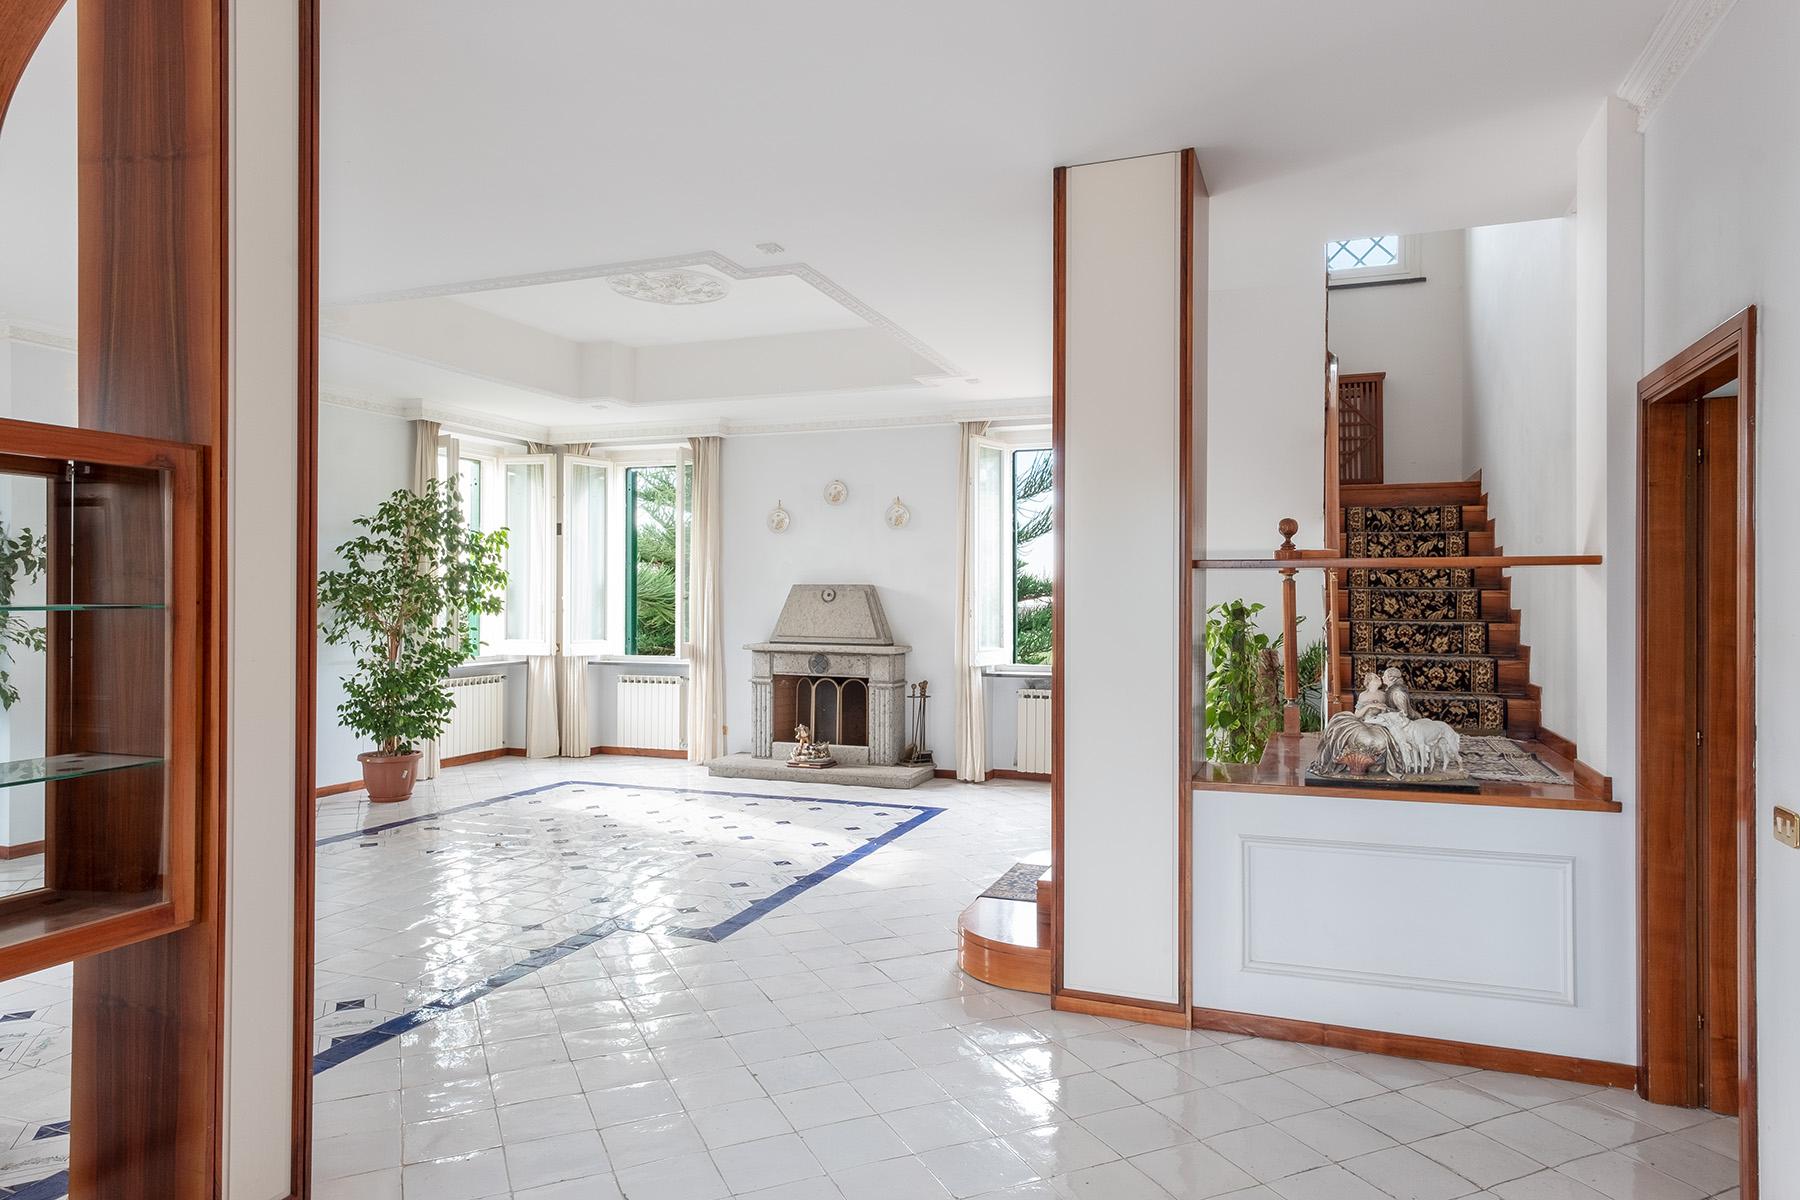 Villa in Vendita a Napoli: 5 locali, 350 mq - Foto 7